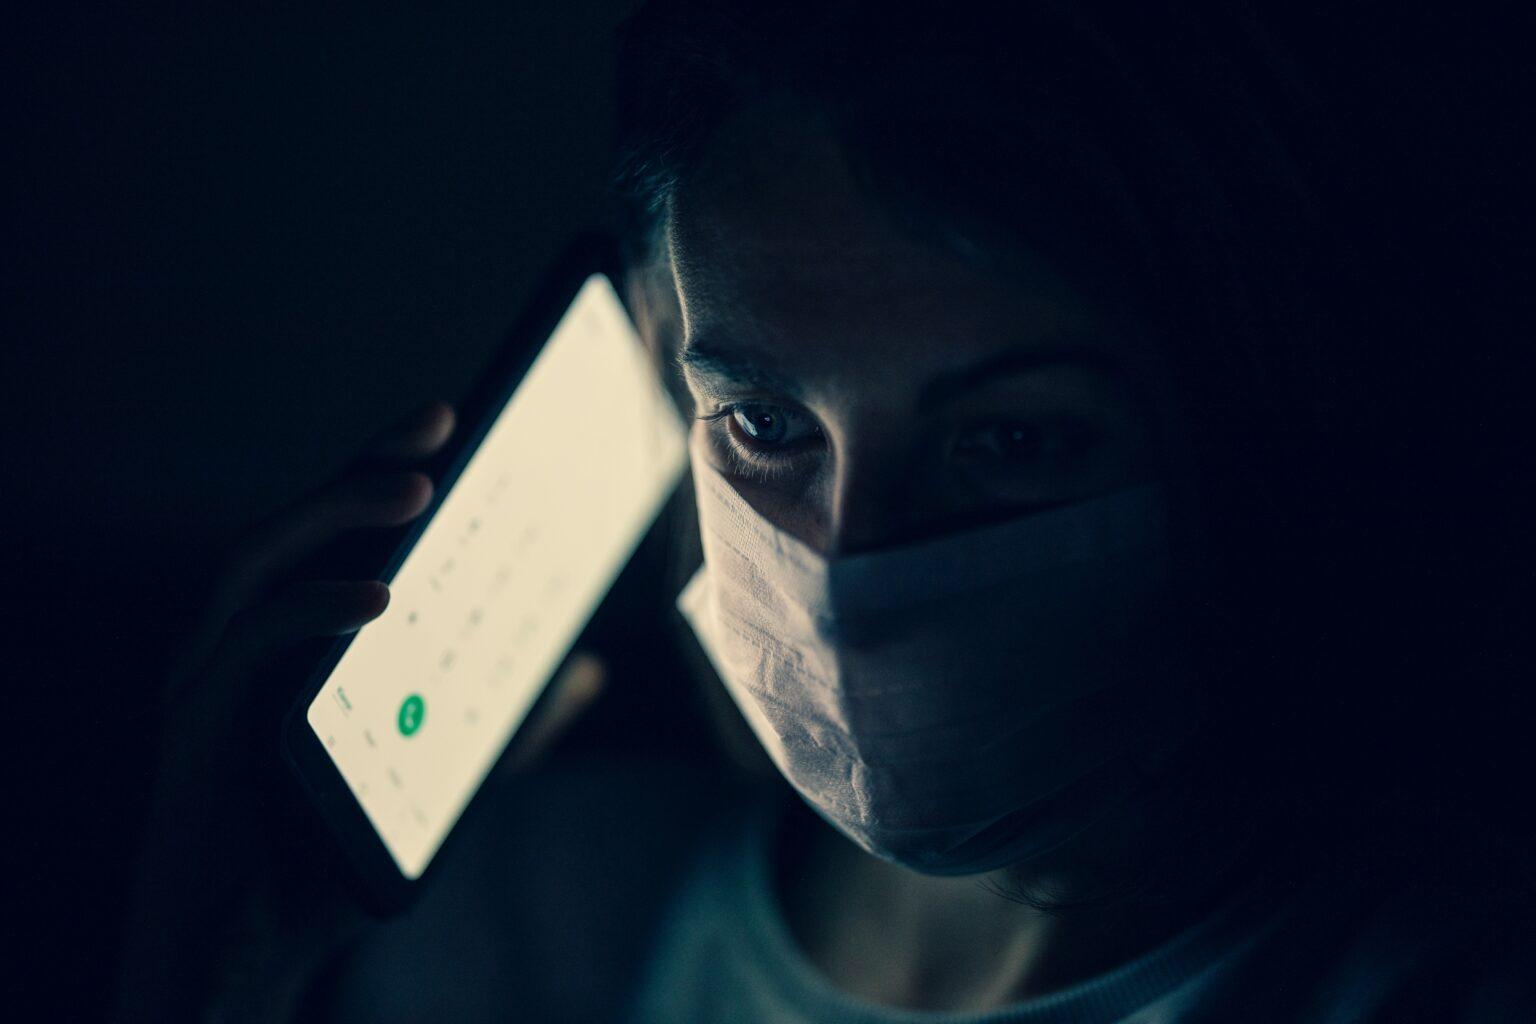 Strach z neznámého aneb Proč lidé spojují 5G sítě s pandemií Covid-19